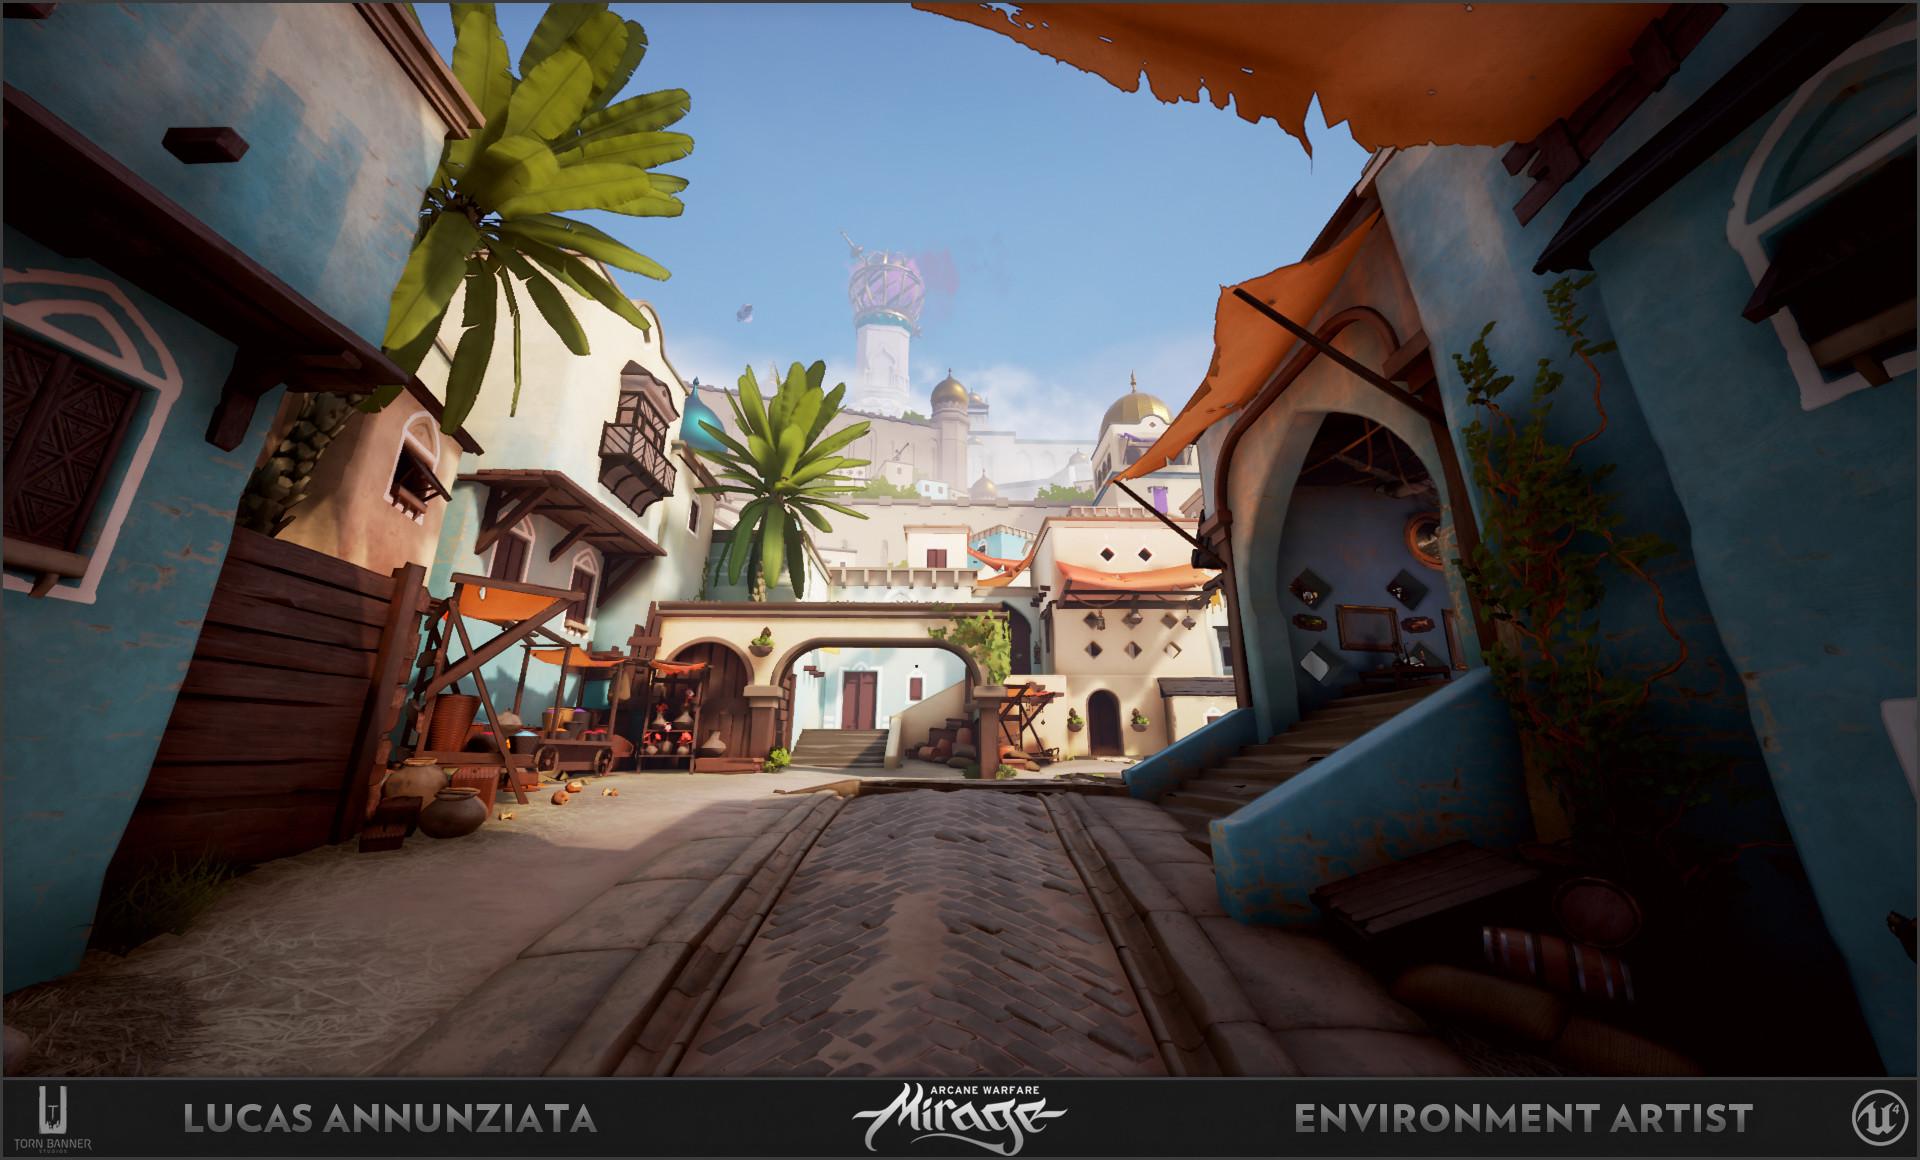 Lucas annunziata bazaar 8